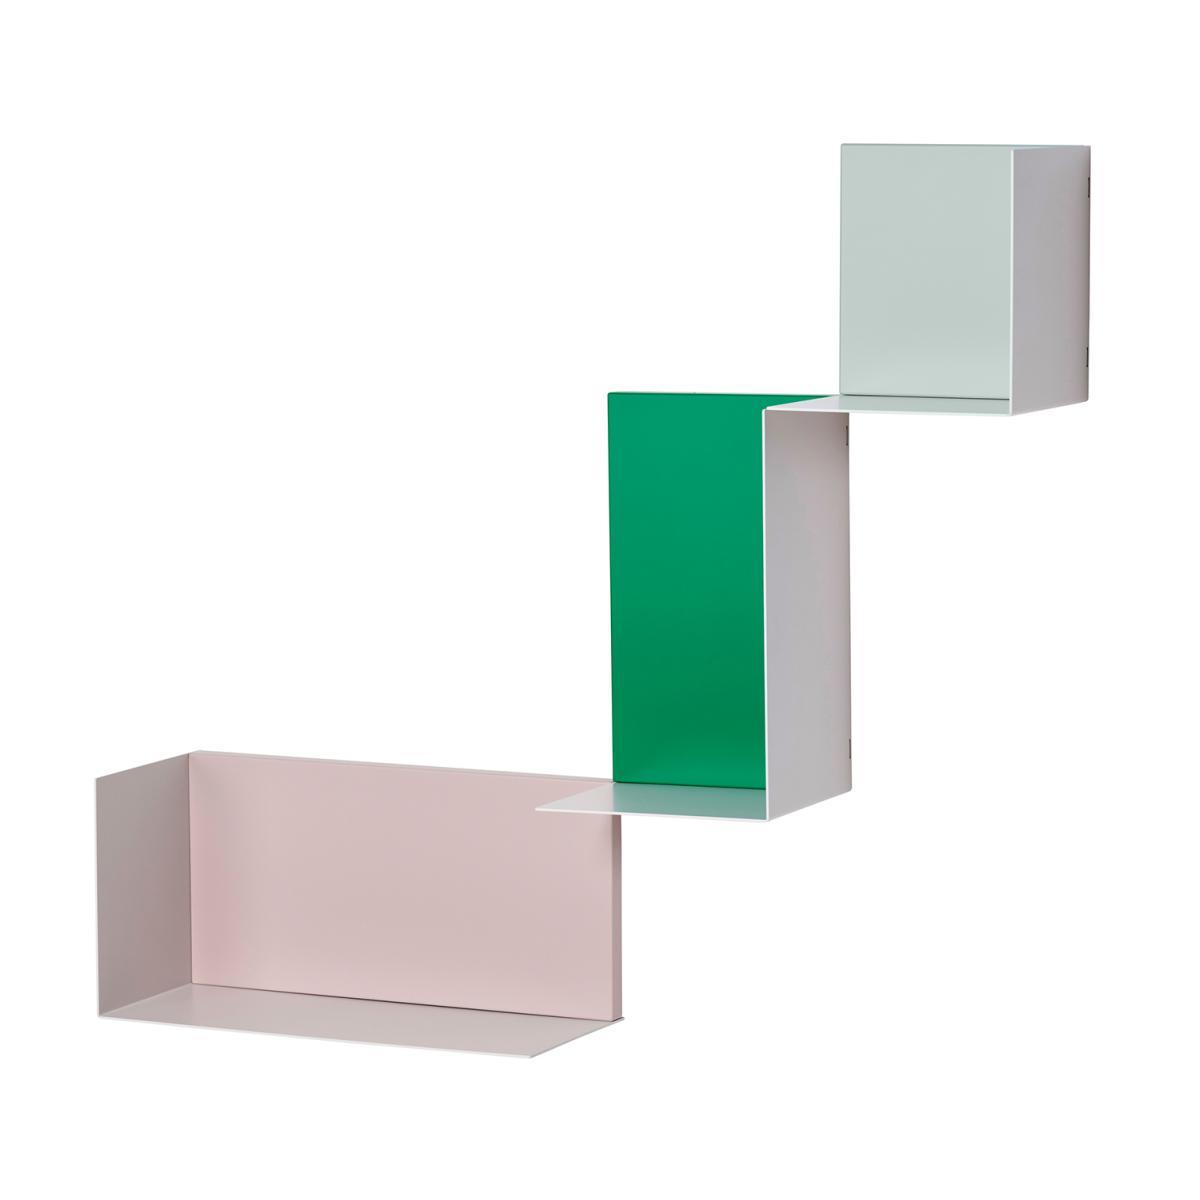 DADO Regal in 3 verschiedenen Größen, Seitenansicht